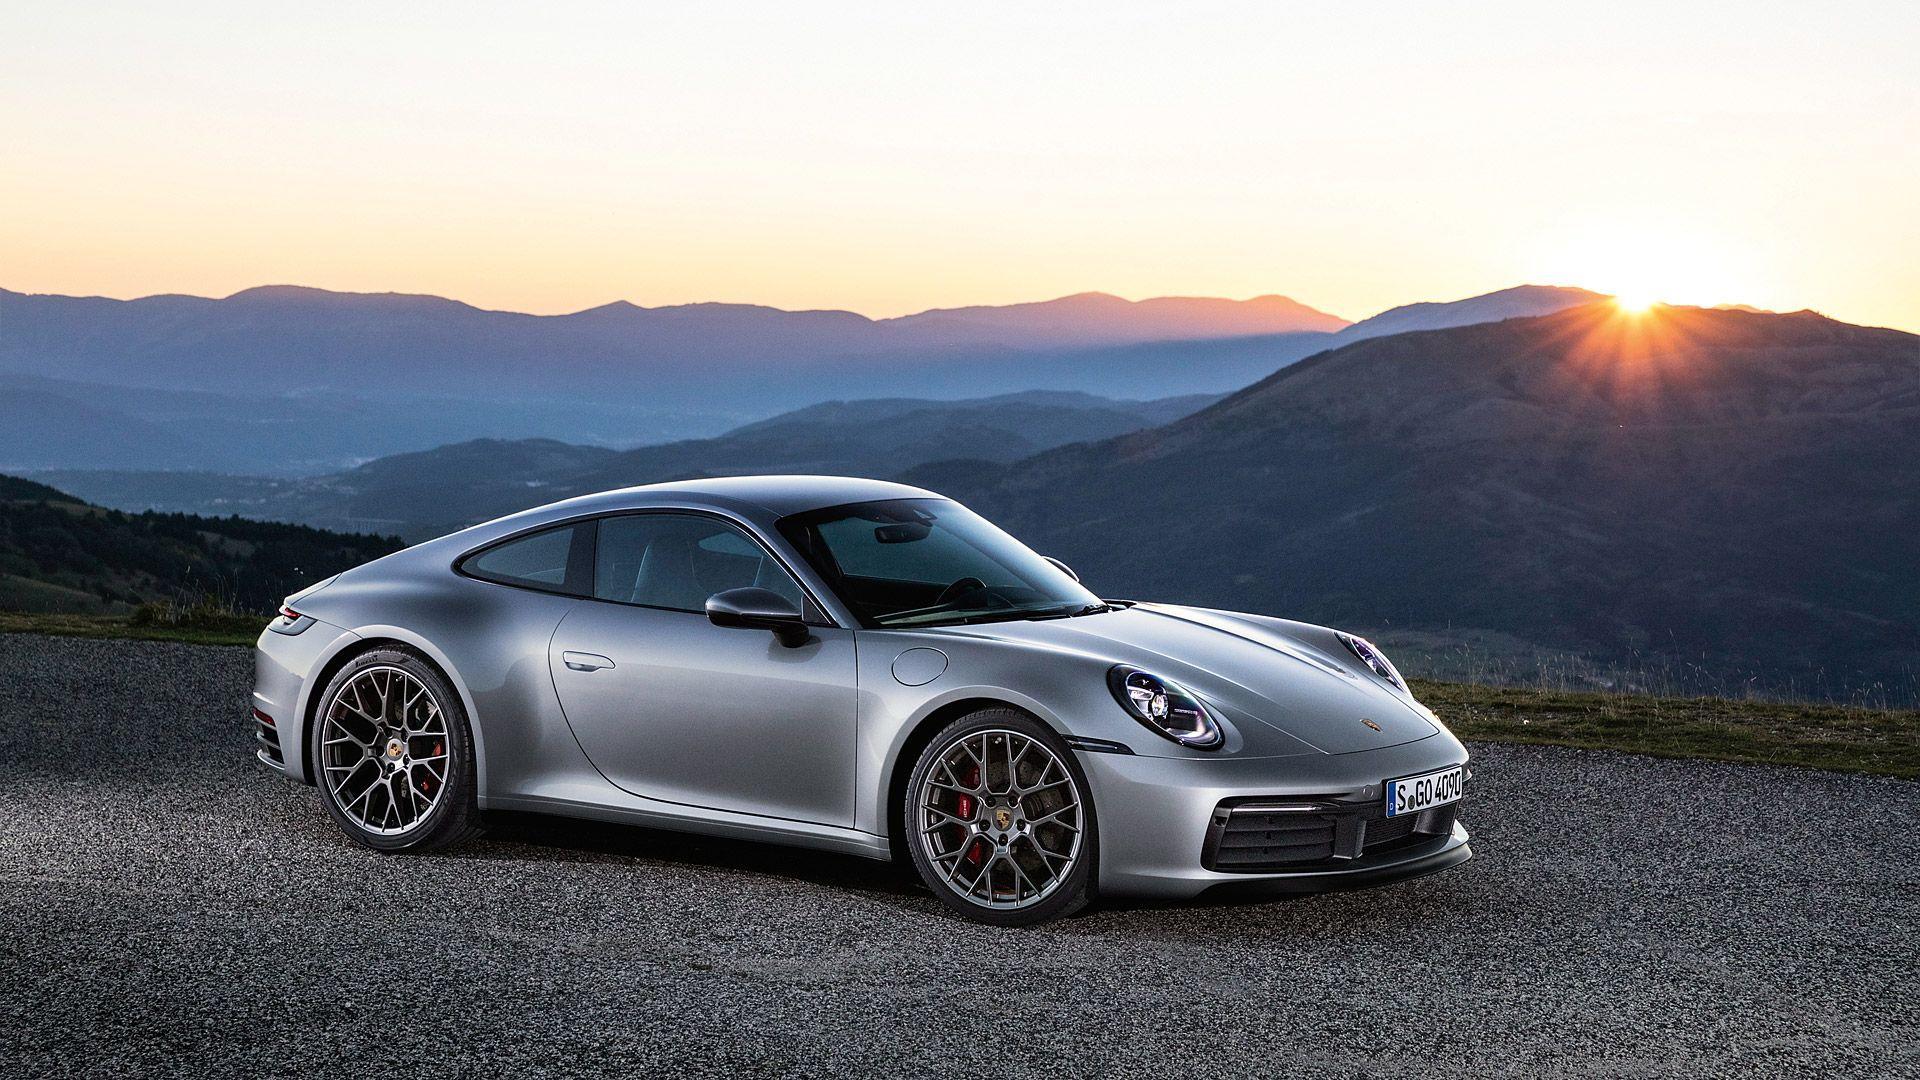 1920 X 1080 Porsche Wallpapers Top Free 1920 X 1080 Porsche Backgrounds Wallpaperaccess